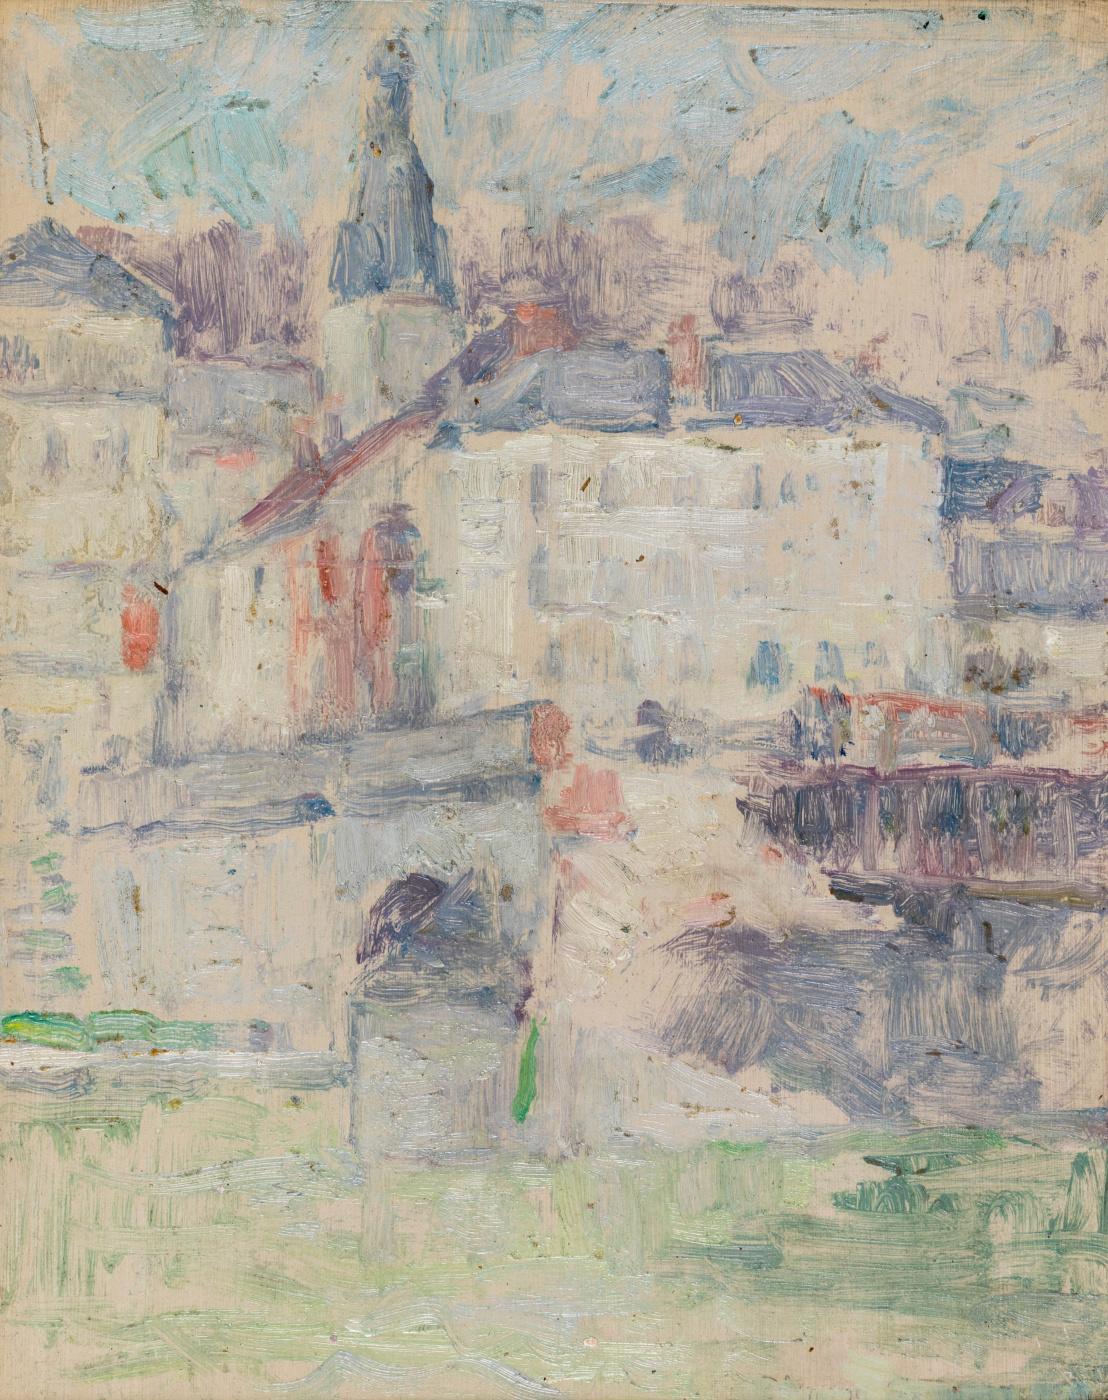 Edmund William Griesen. Chateau Thierry